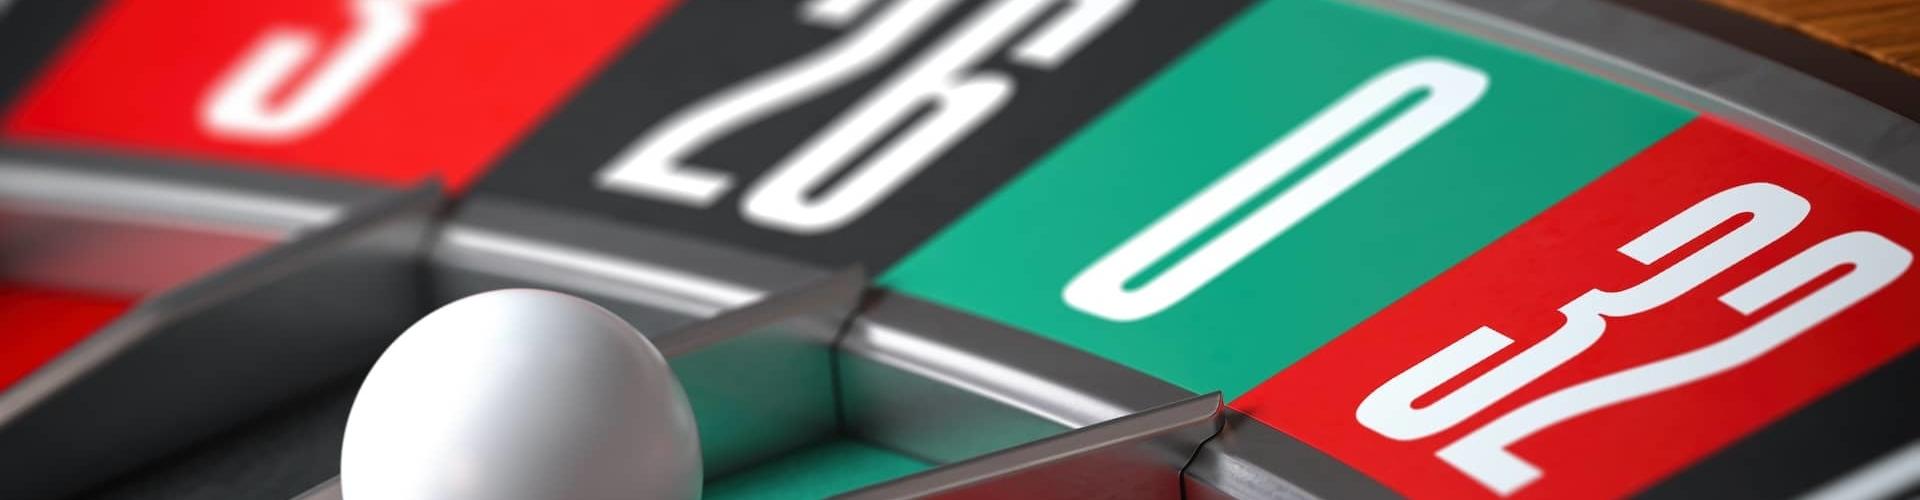 gokken beginners